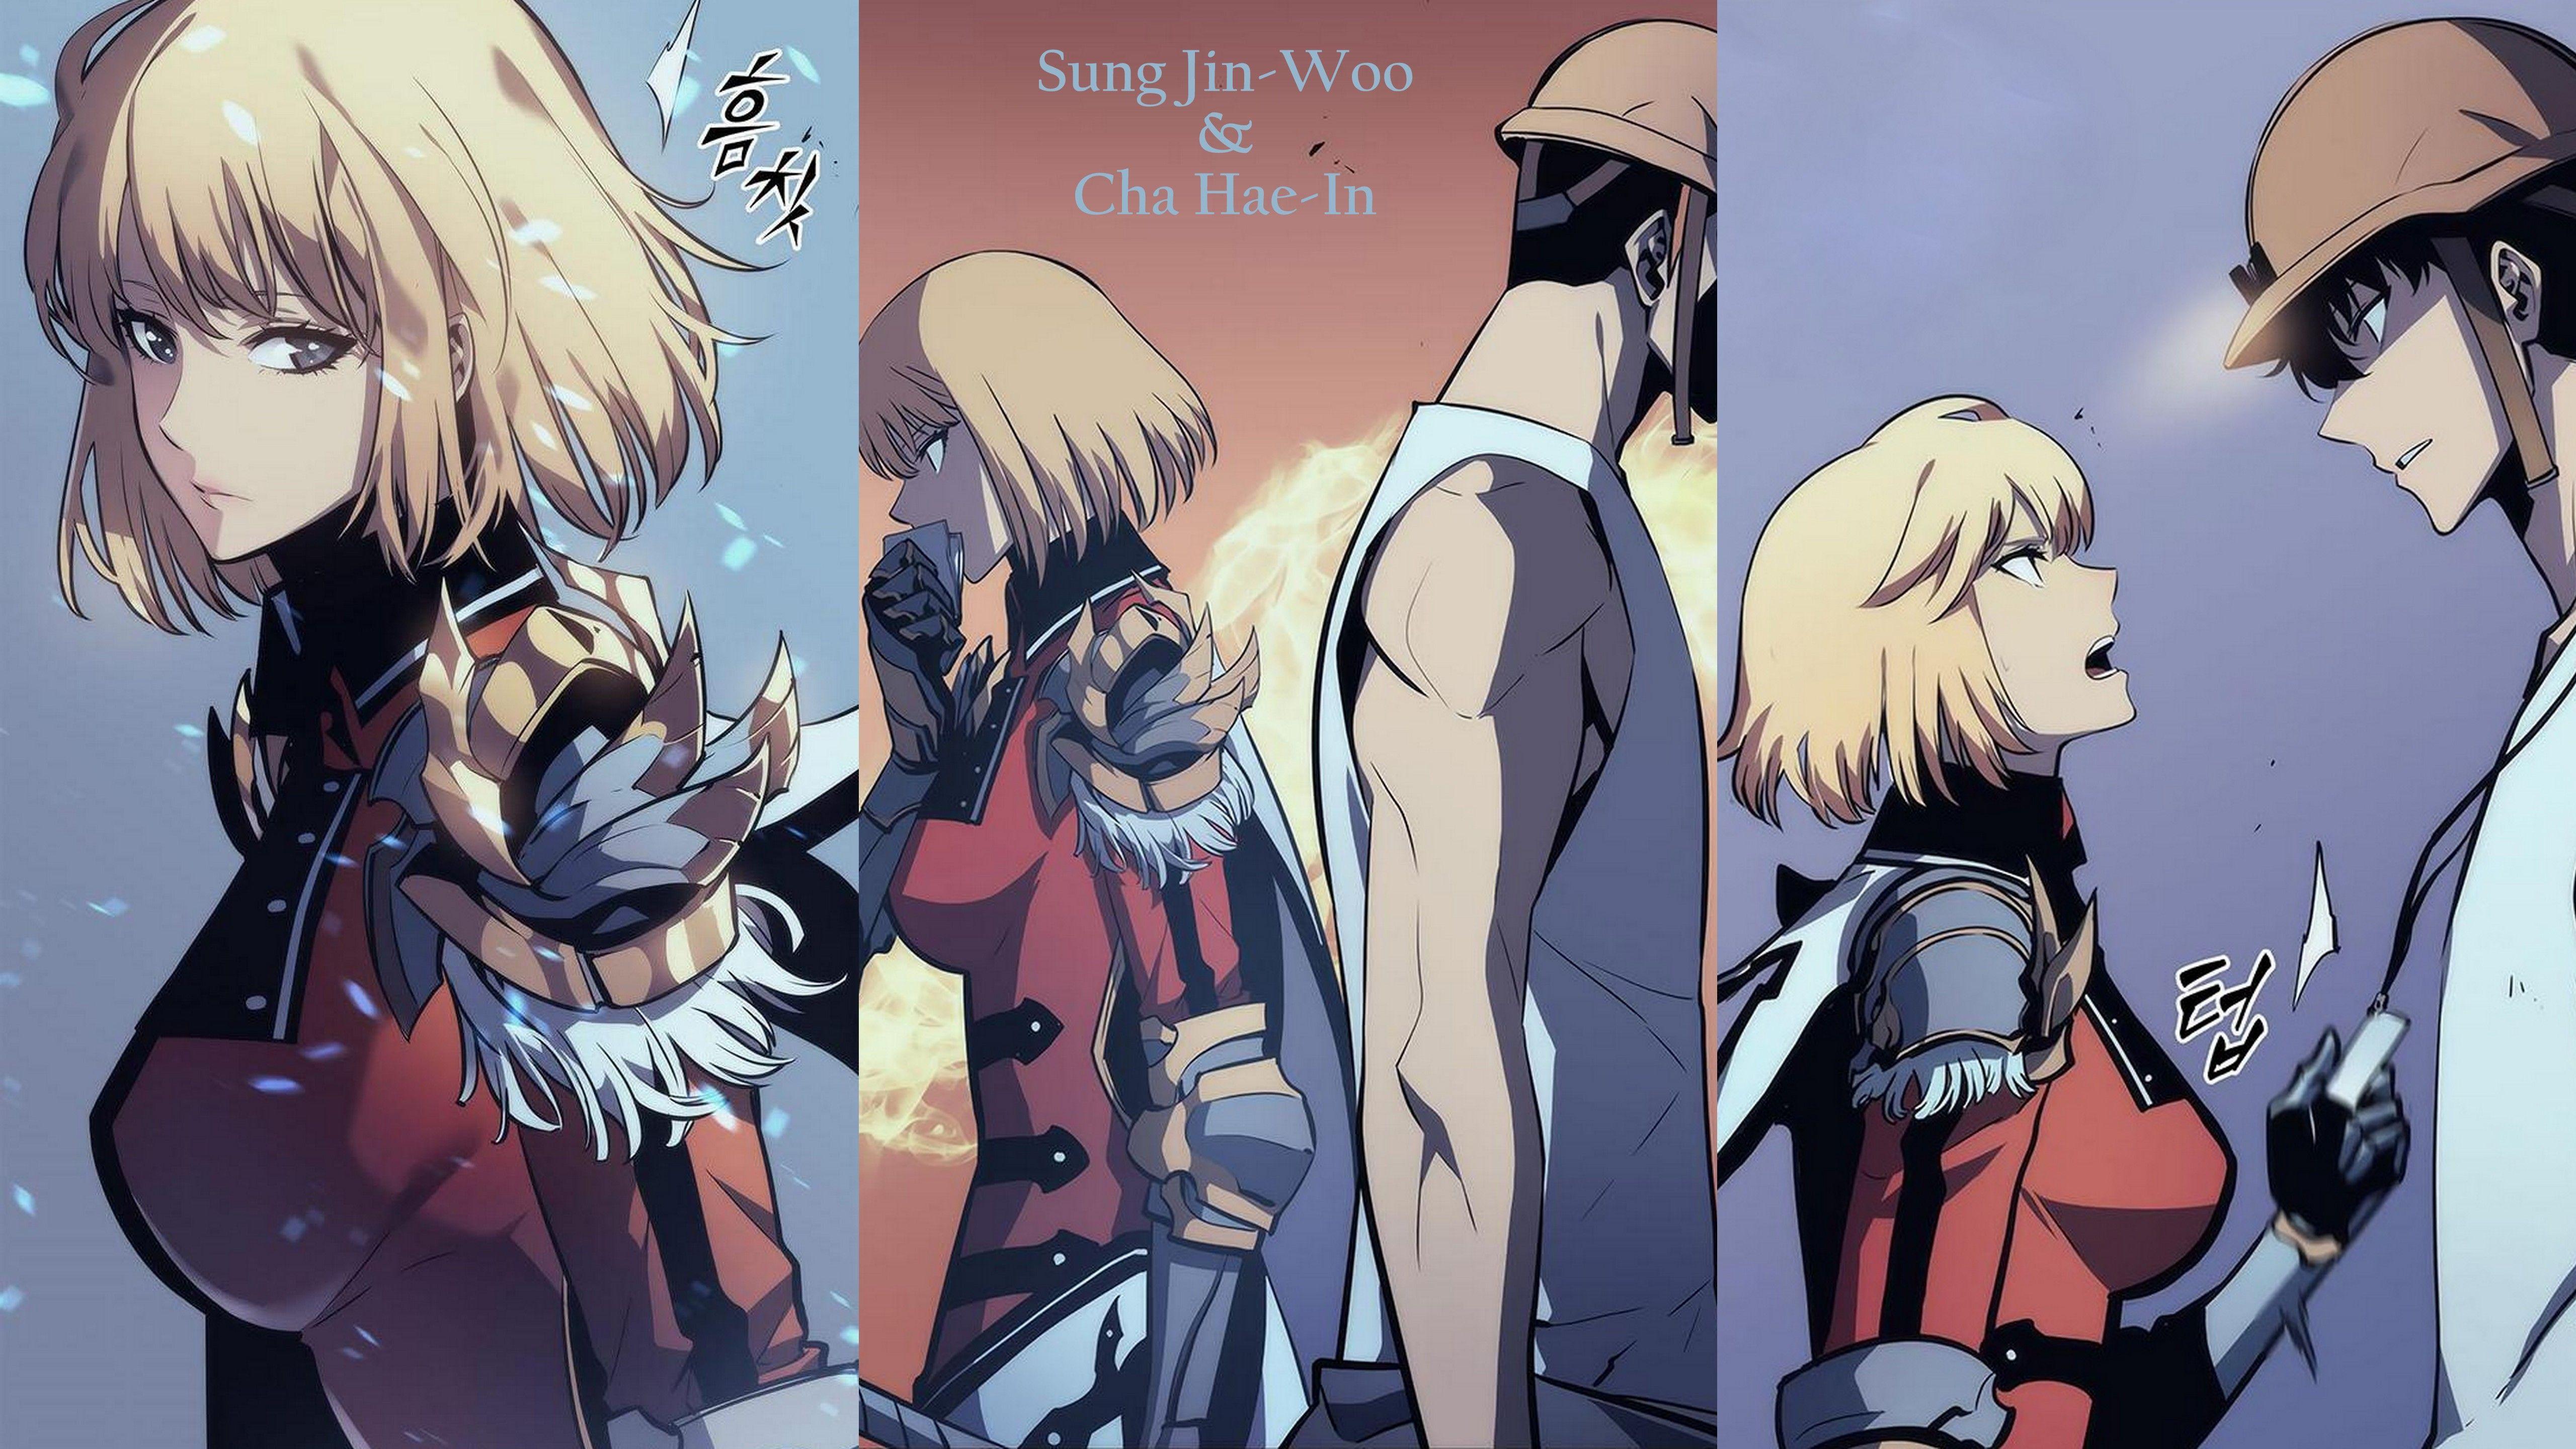 Solo Leveling Wallpaper Hd Anime Astronomia